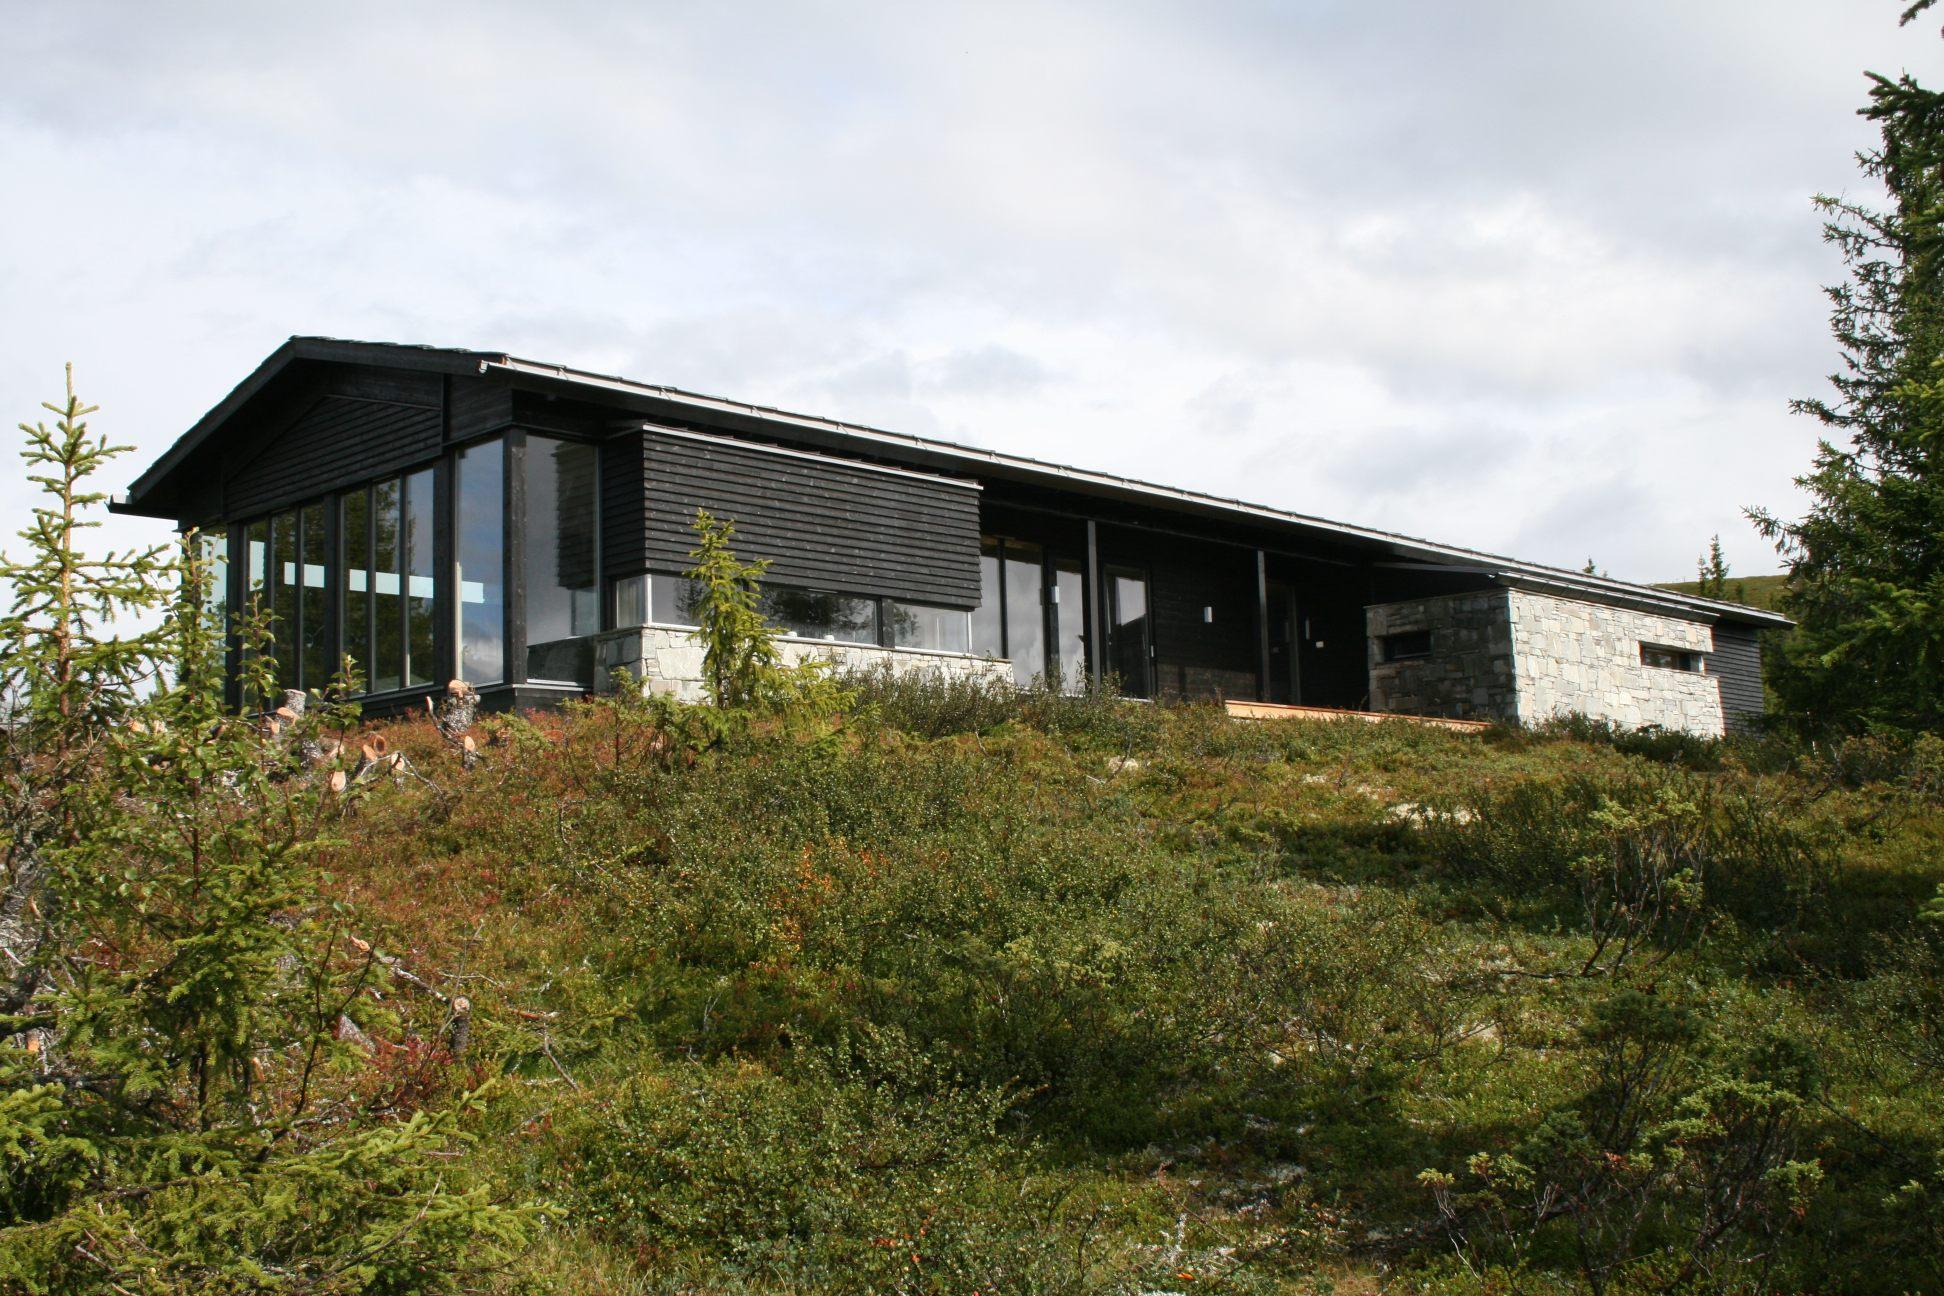 Arkitekt tegnet Hytte Fritidsbolig Kvitfjell 03_RAM arkitektur Lillehammer Oppland_06.jpg